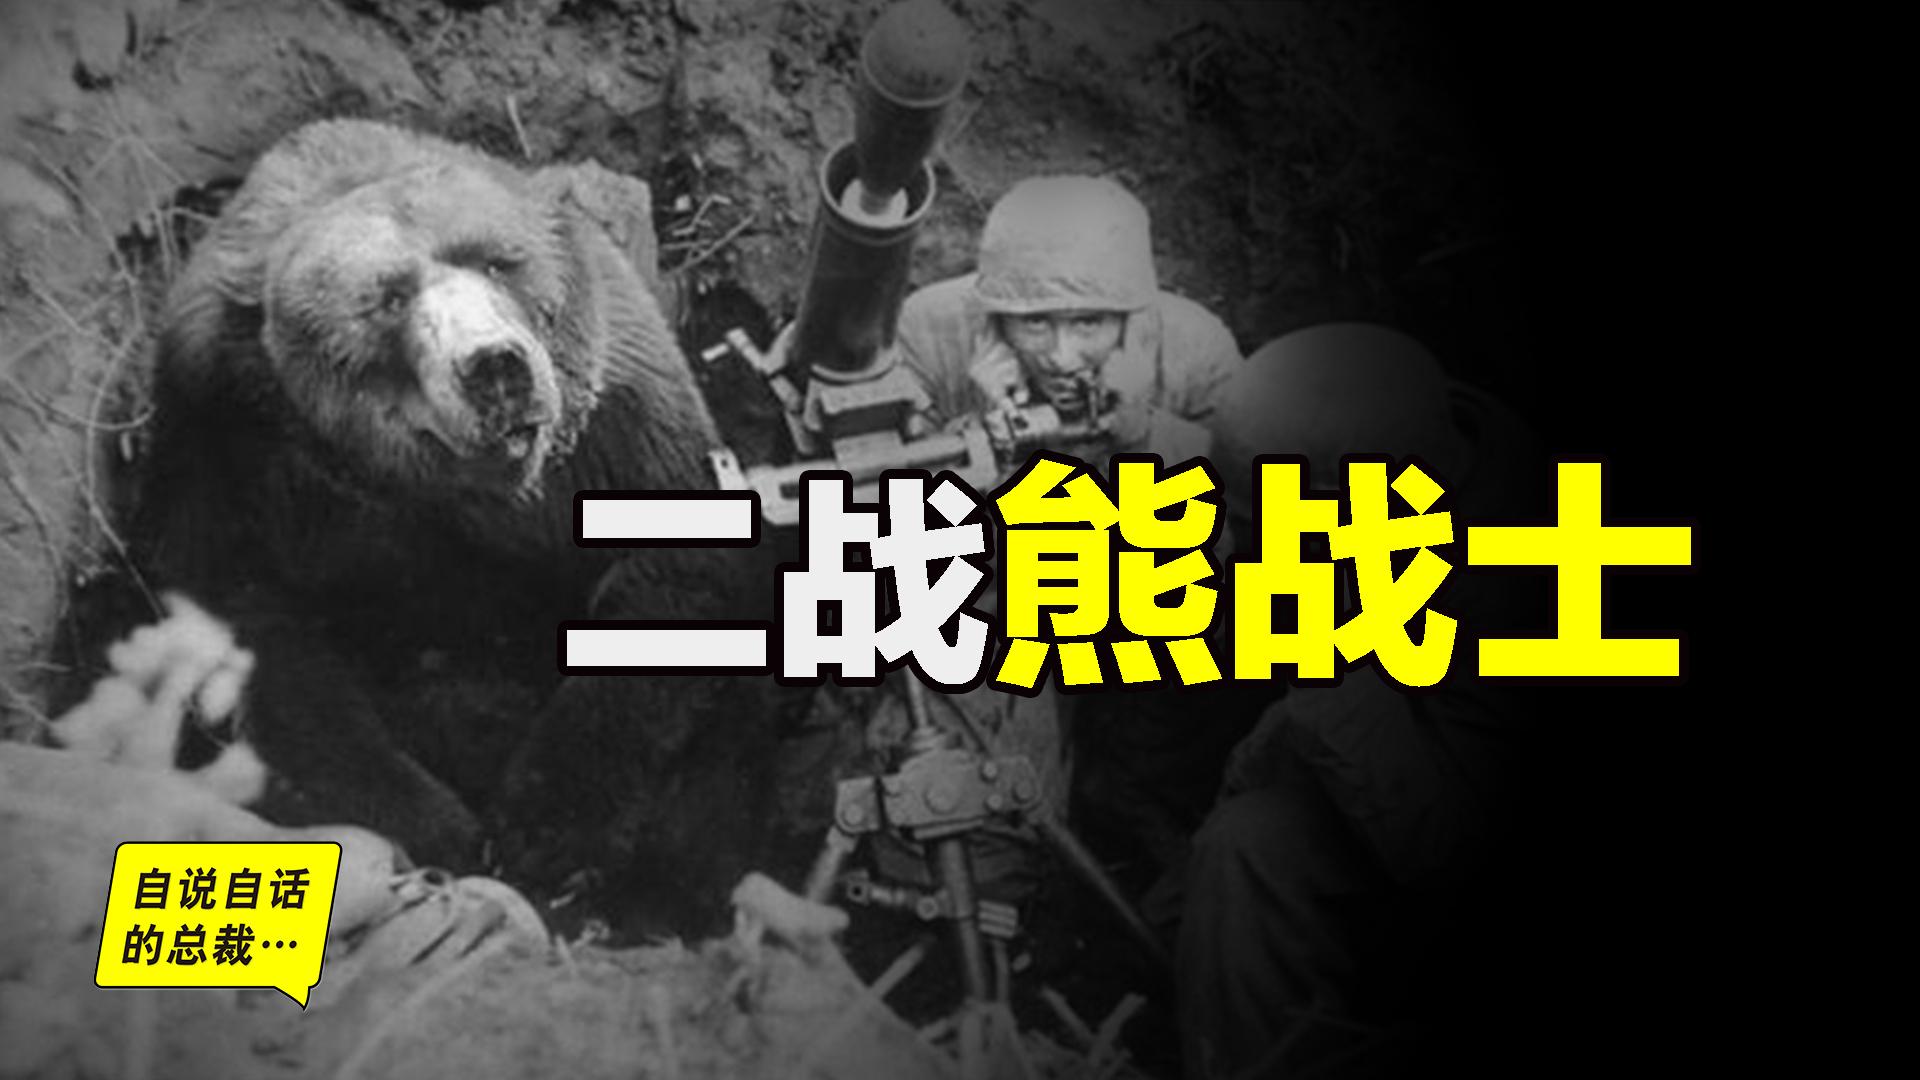 抽烟、喝酒、泡妞,这头熊在二战中还获得了军衔